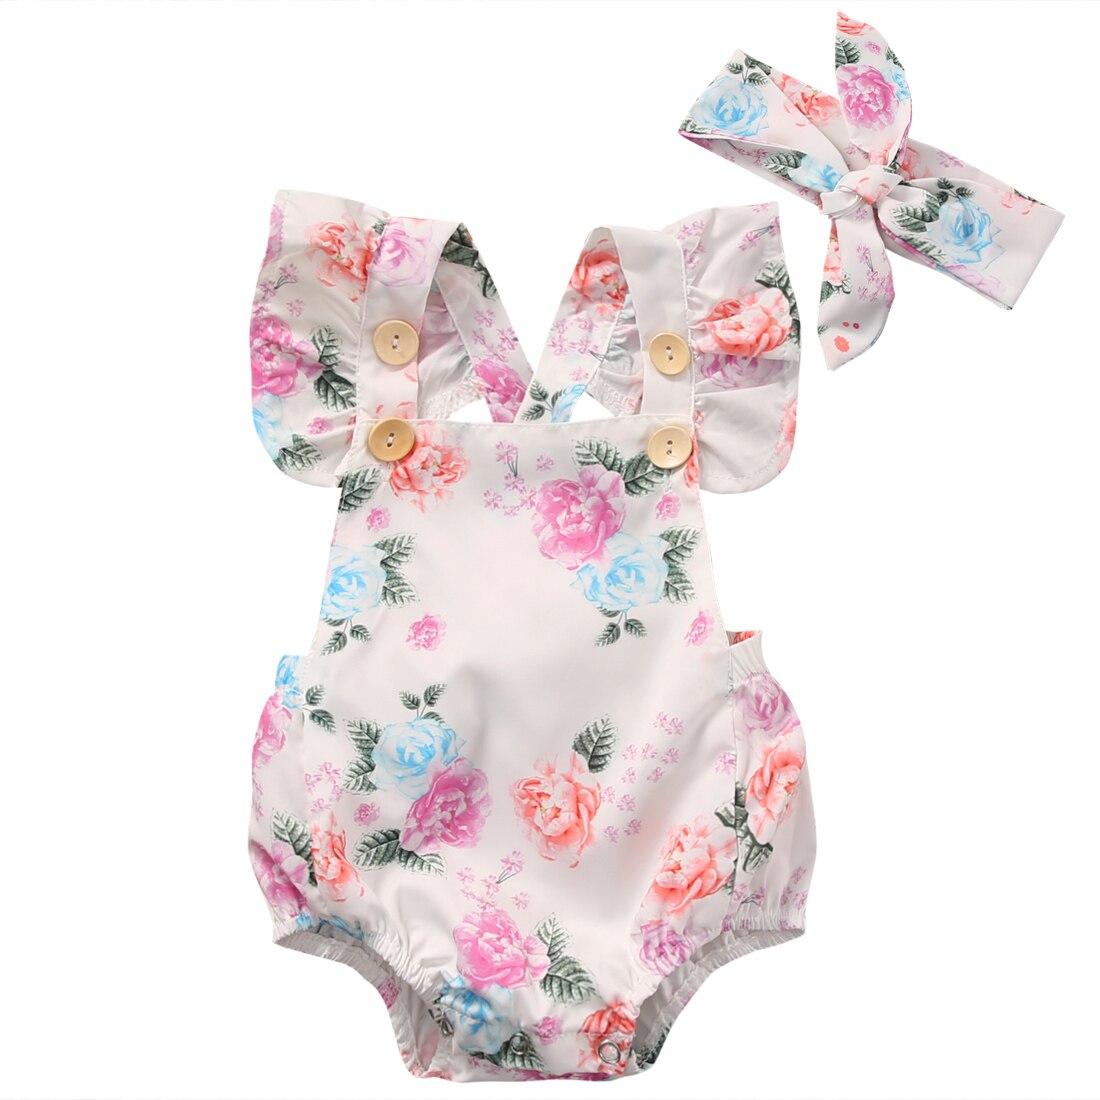 Комбинезон для малышей с цветочным рисунком, 2017 г., комплект летней одежды для новорожденных девочек, боди с гофрированными рукавами + повяз...